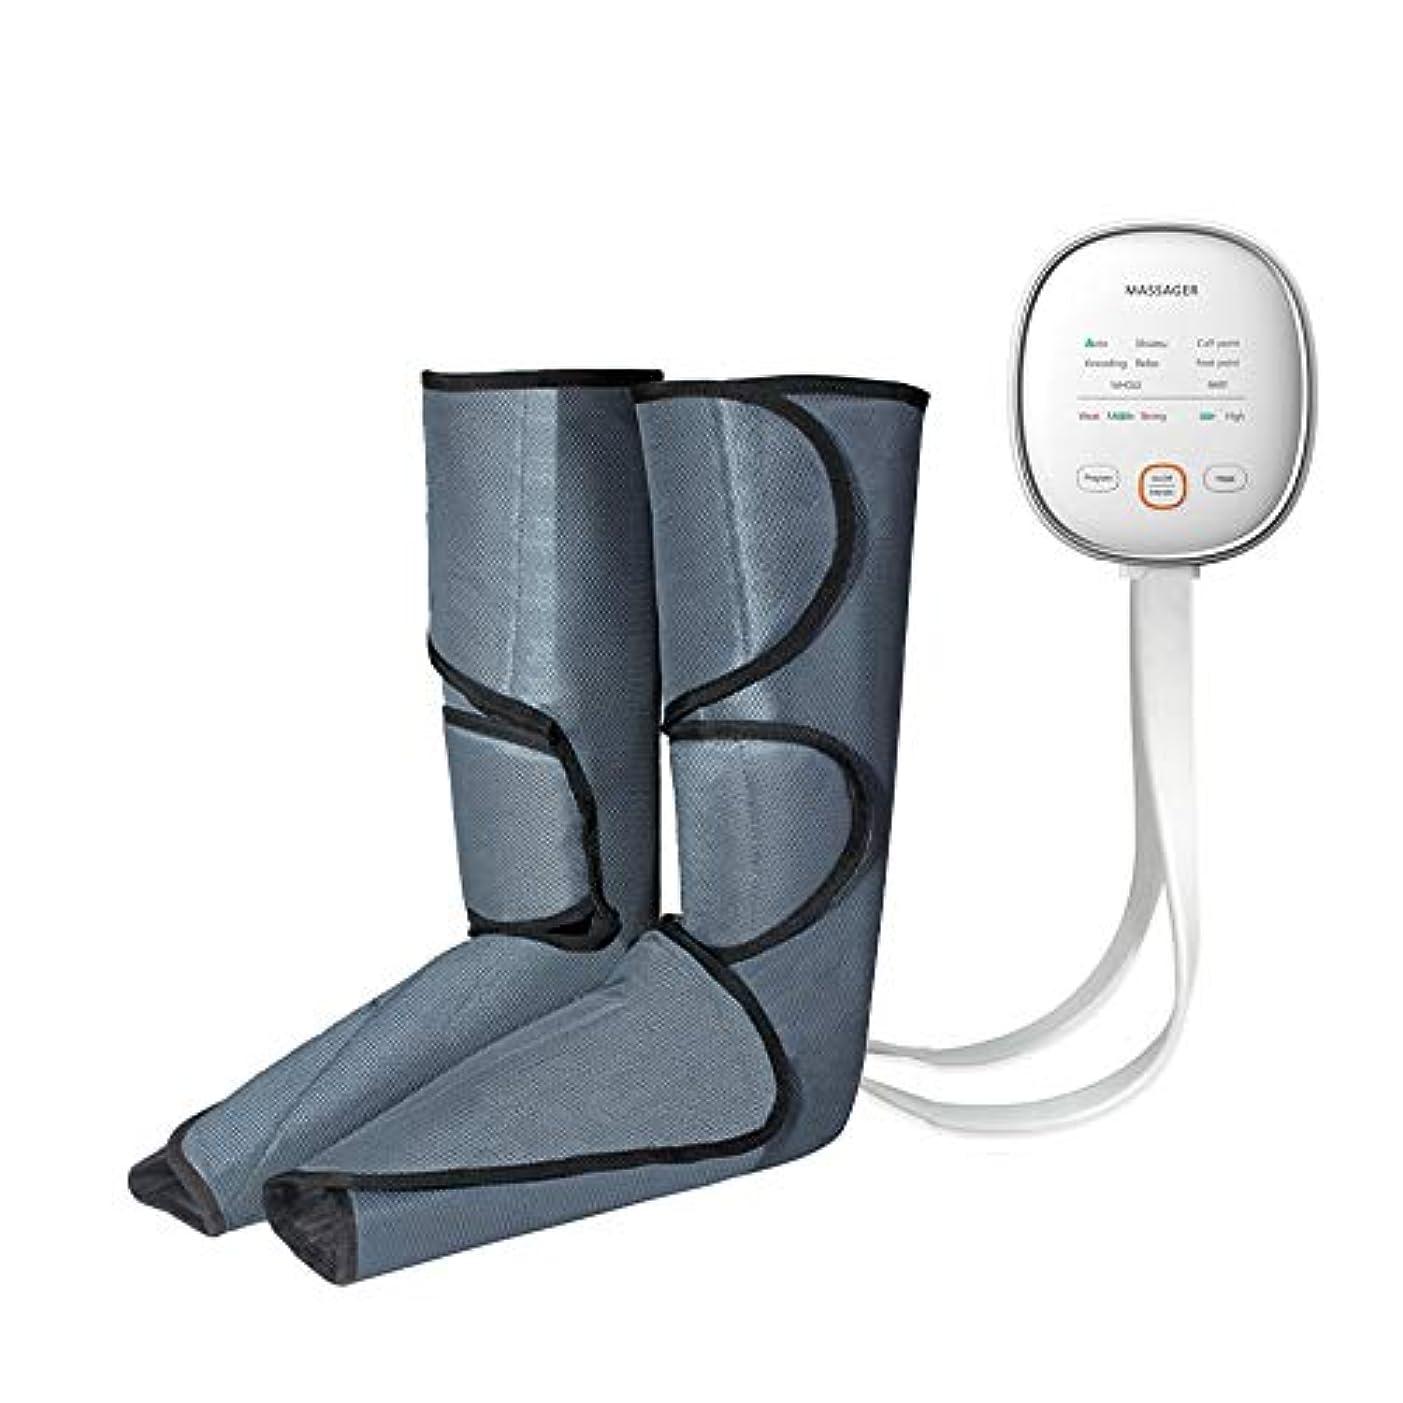 準備した紛争ペースフットマッサージャー エアーマッサージャー器 足とふくらはぎマッサージ 温感機能 3つ段階の強さ フット空気圧縮マッサージ 血行の促進 疲労回復